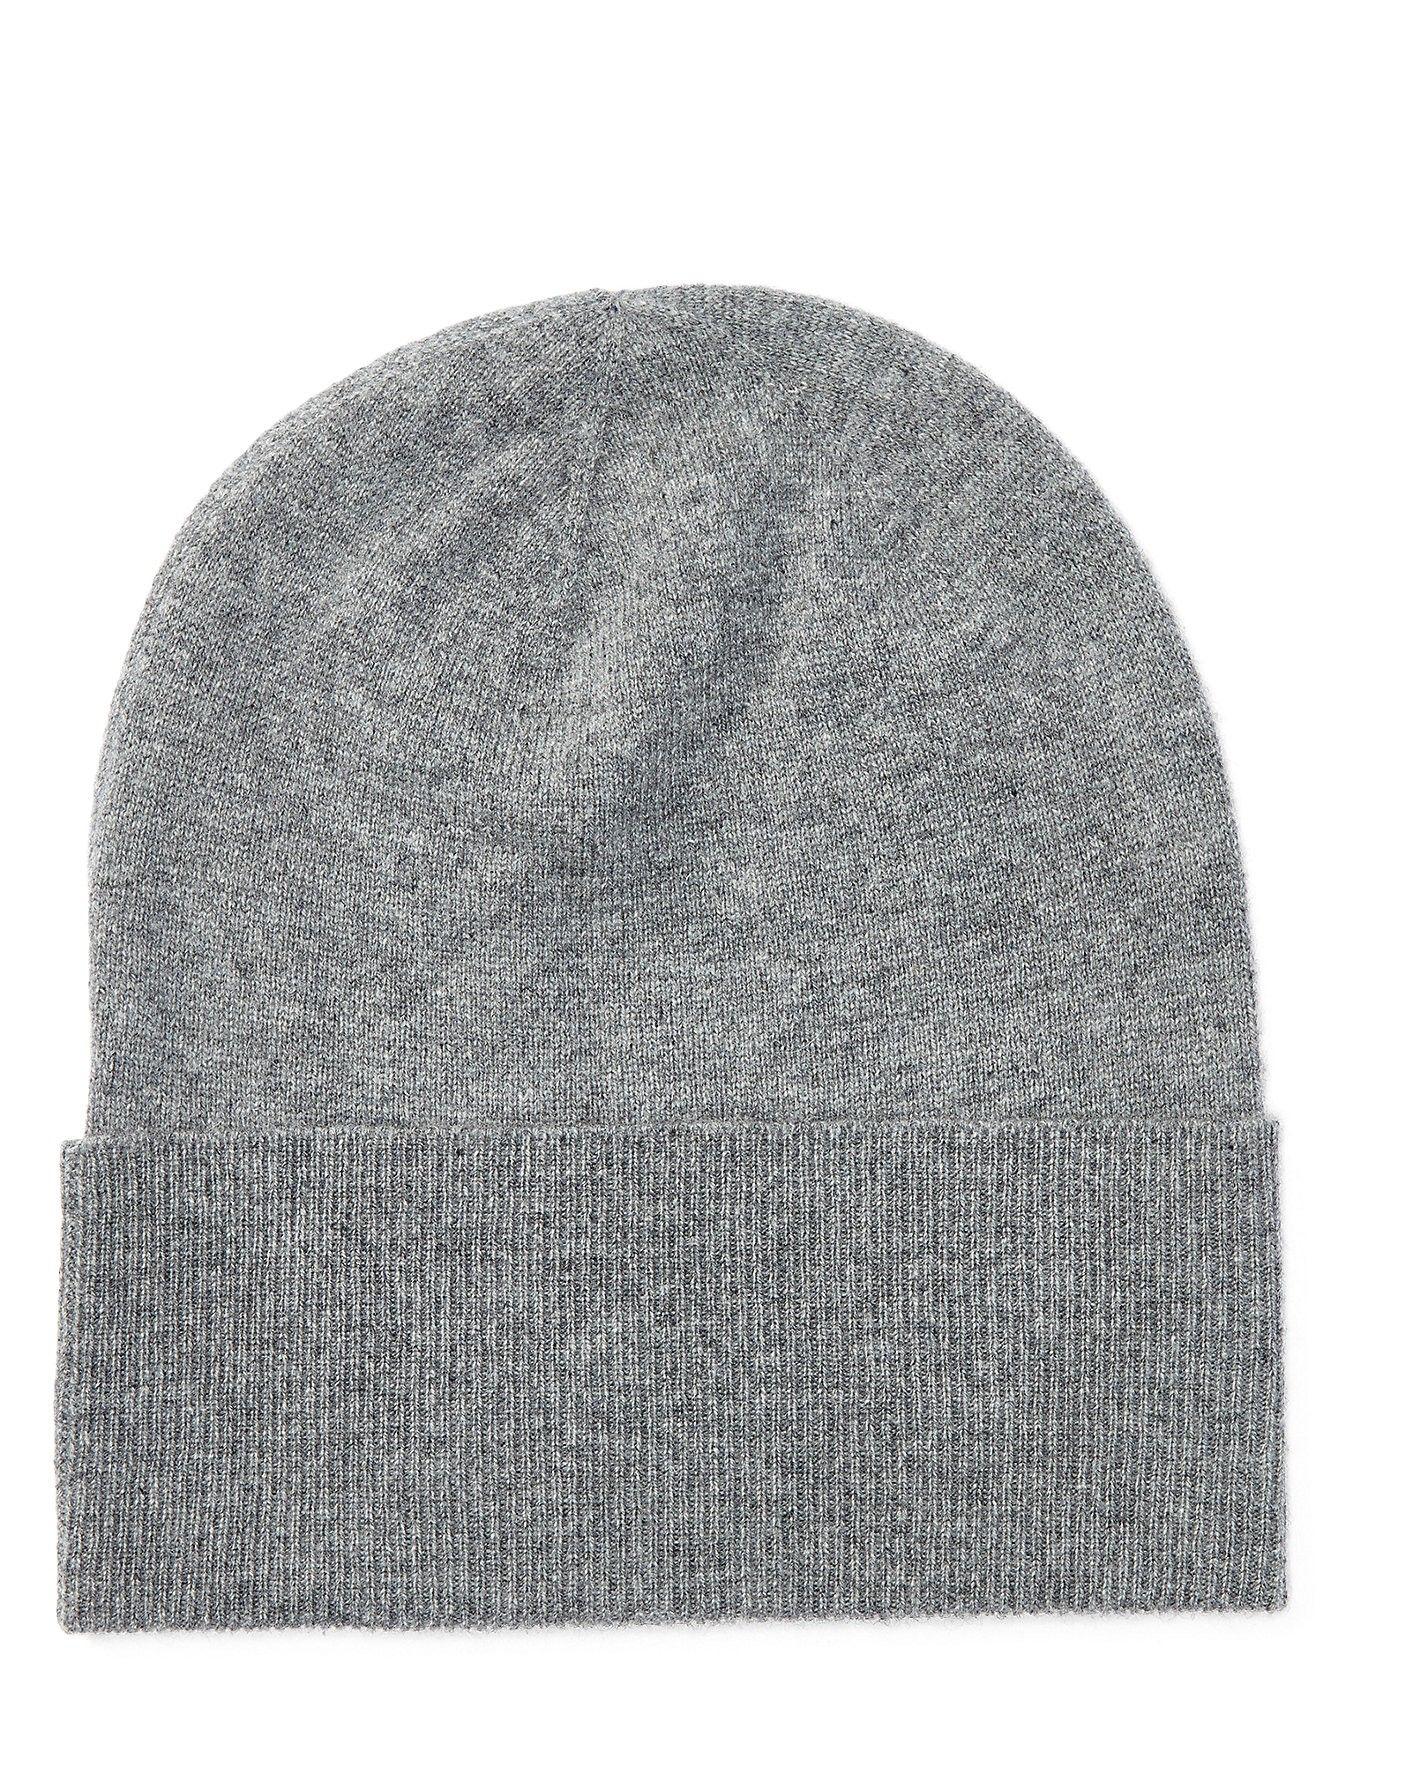 RALPH LAUREN Wool-Cashmere Hat.  ralphlauren  all  68834231e1f